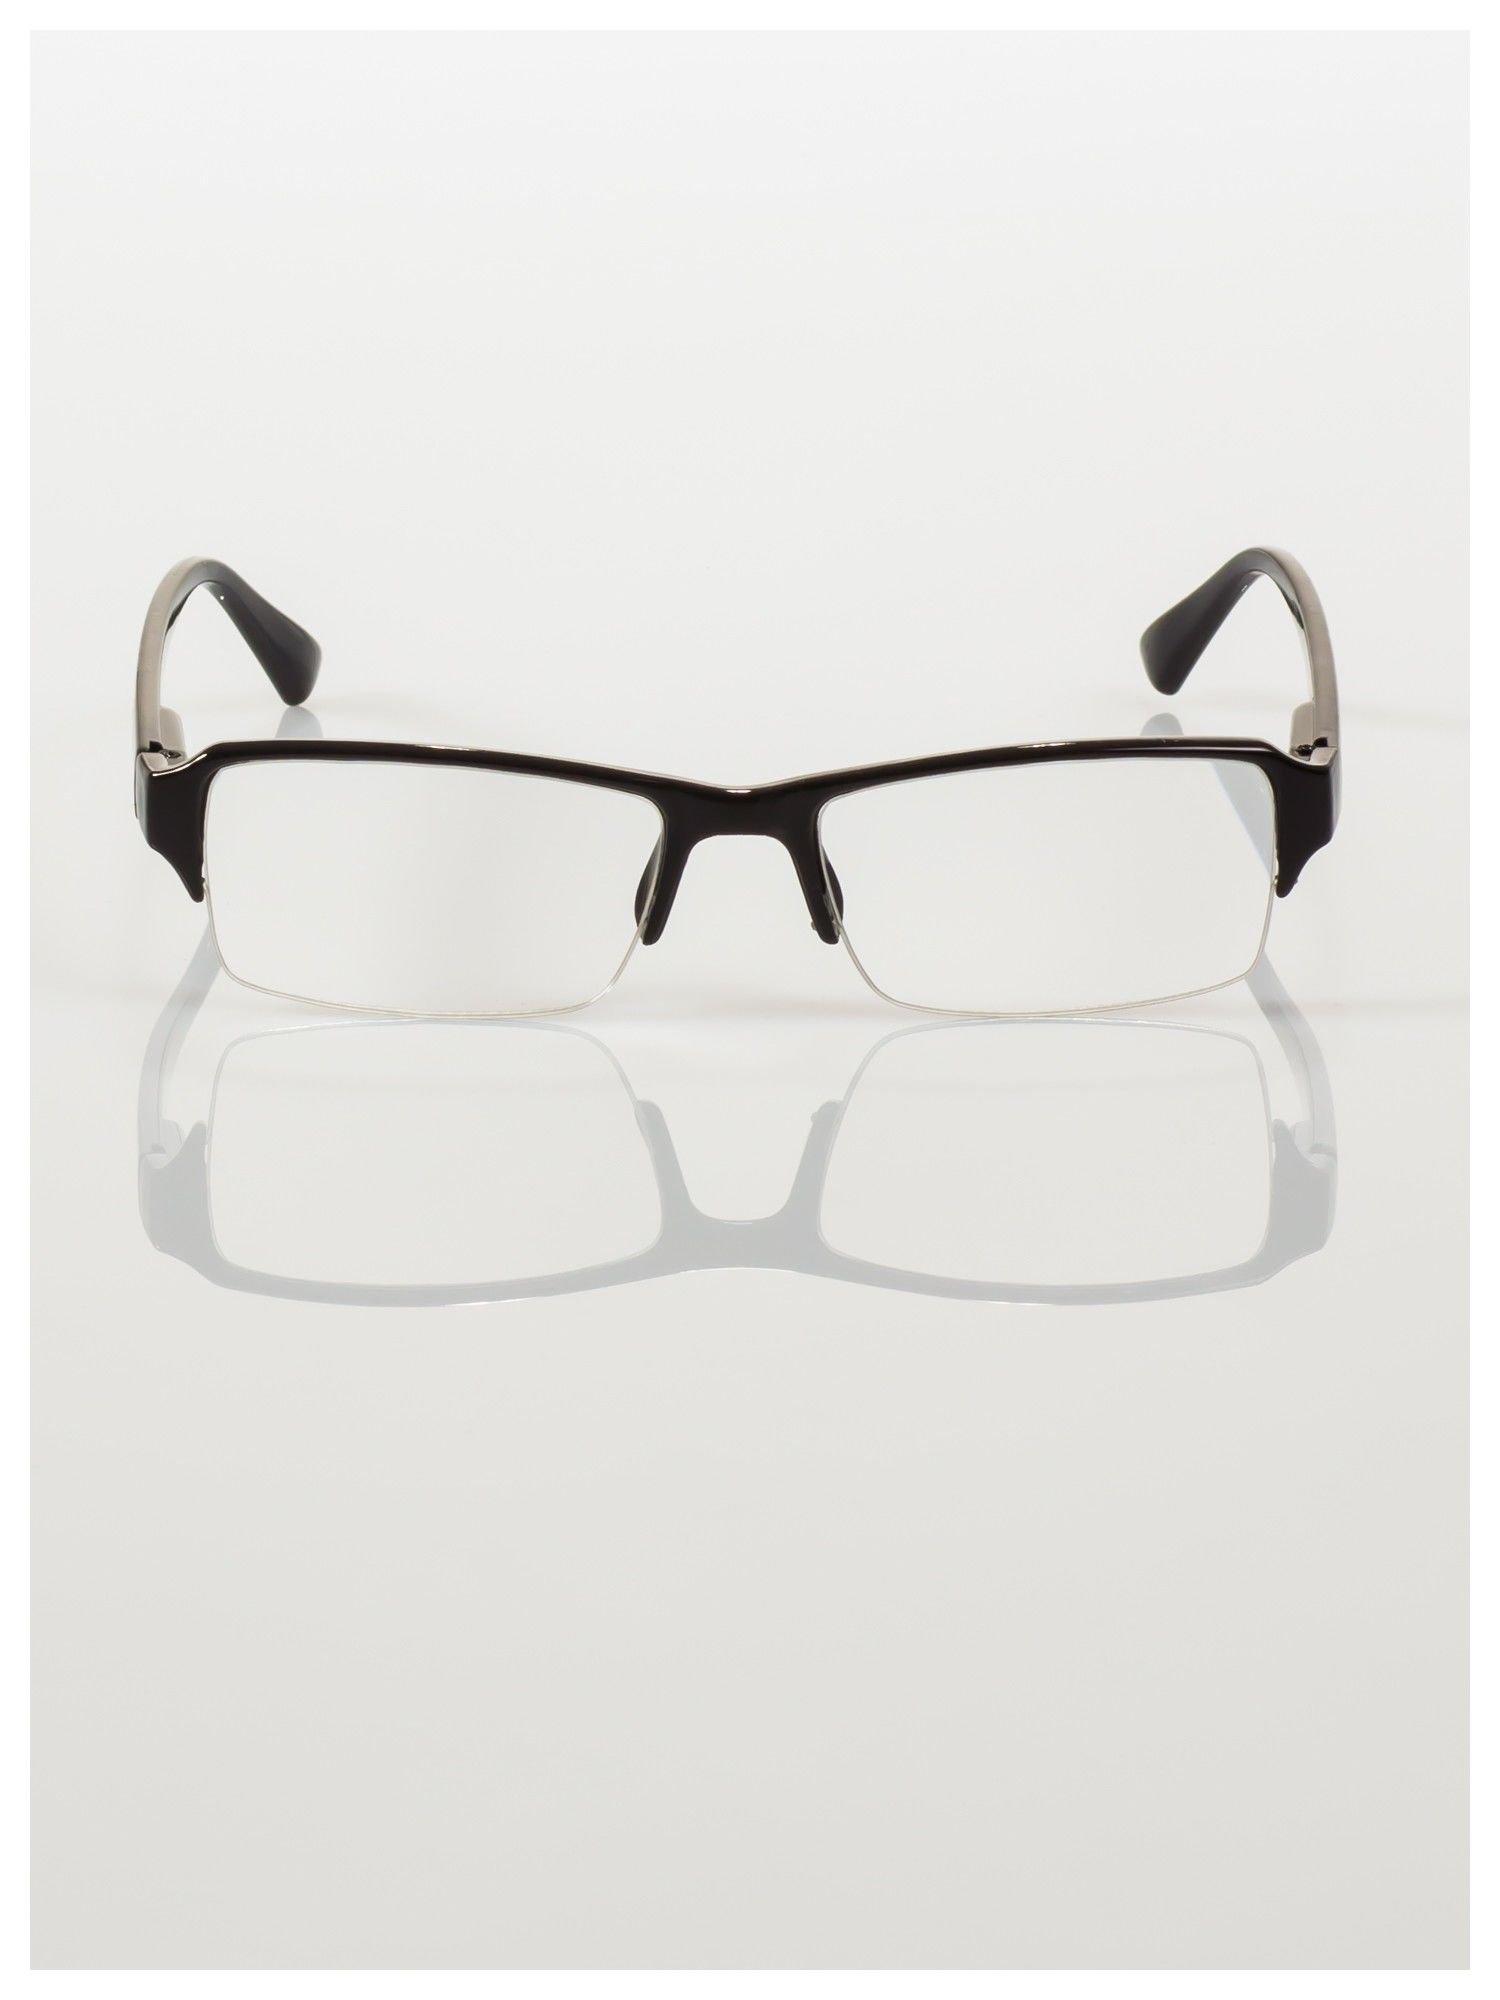 Okulary korekcyjne +3.0 D do czytania z systemem FLEX na zausznikach +GRATIS PLASTIKOWE ETUI I ŚCIERECZKA Z MIKROFIBRY                                  zdj.                                  4